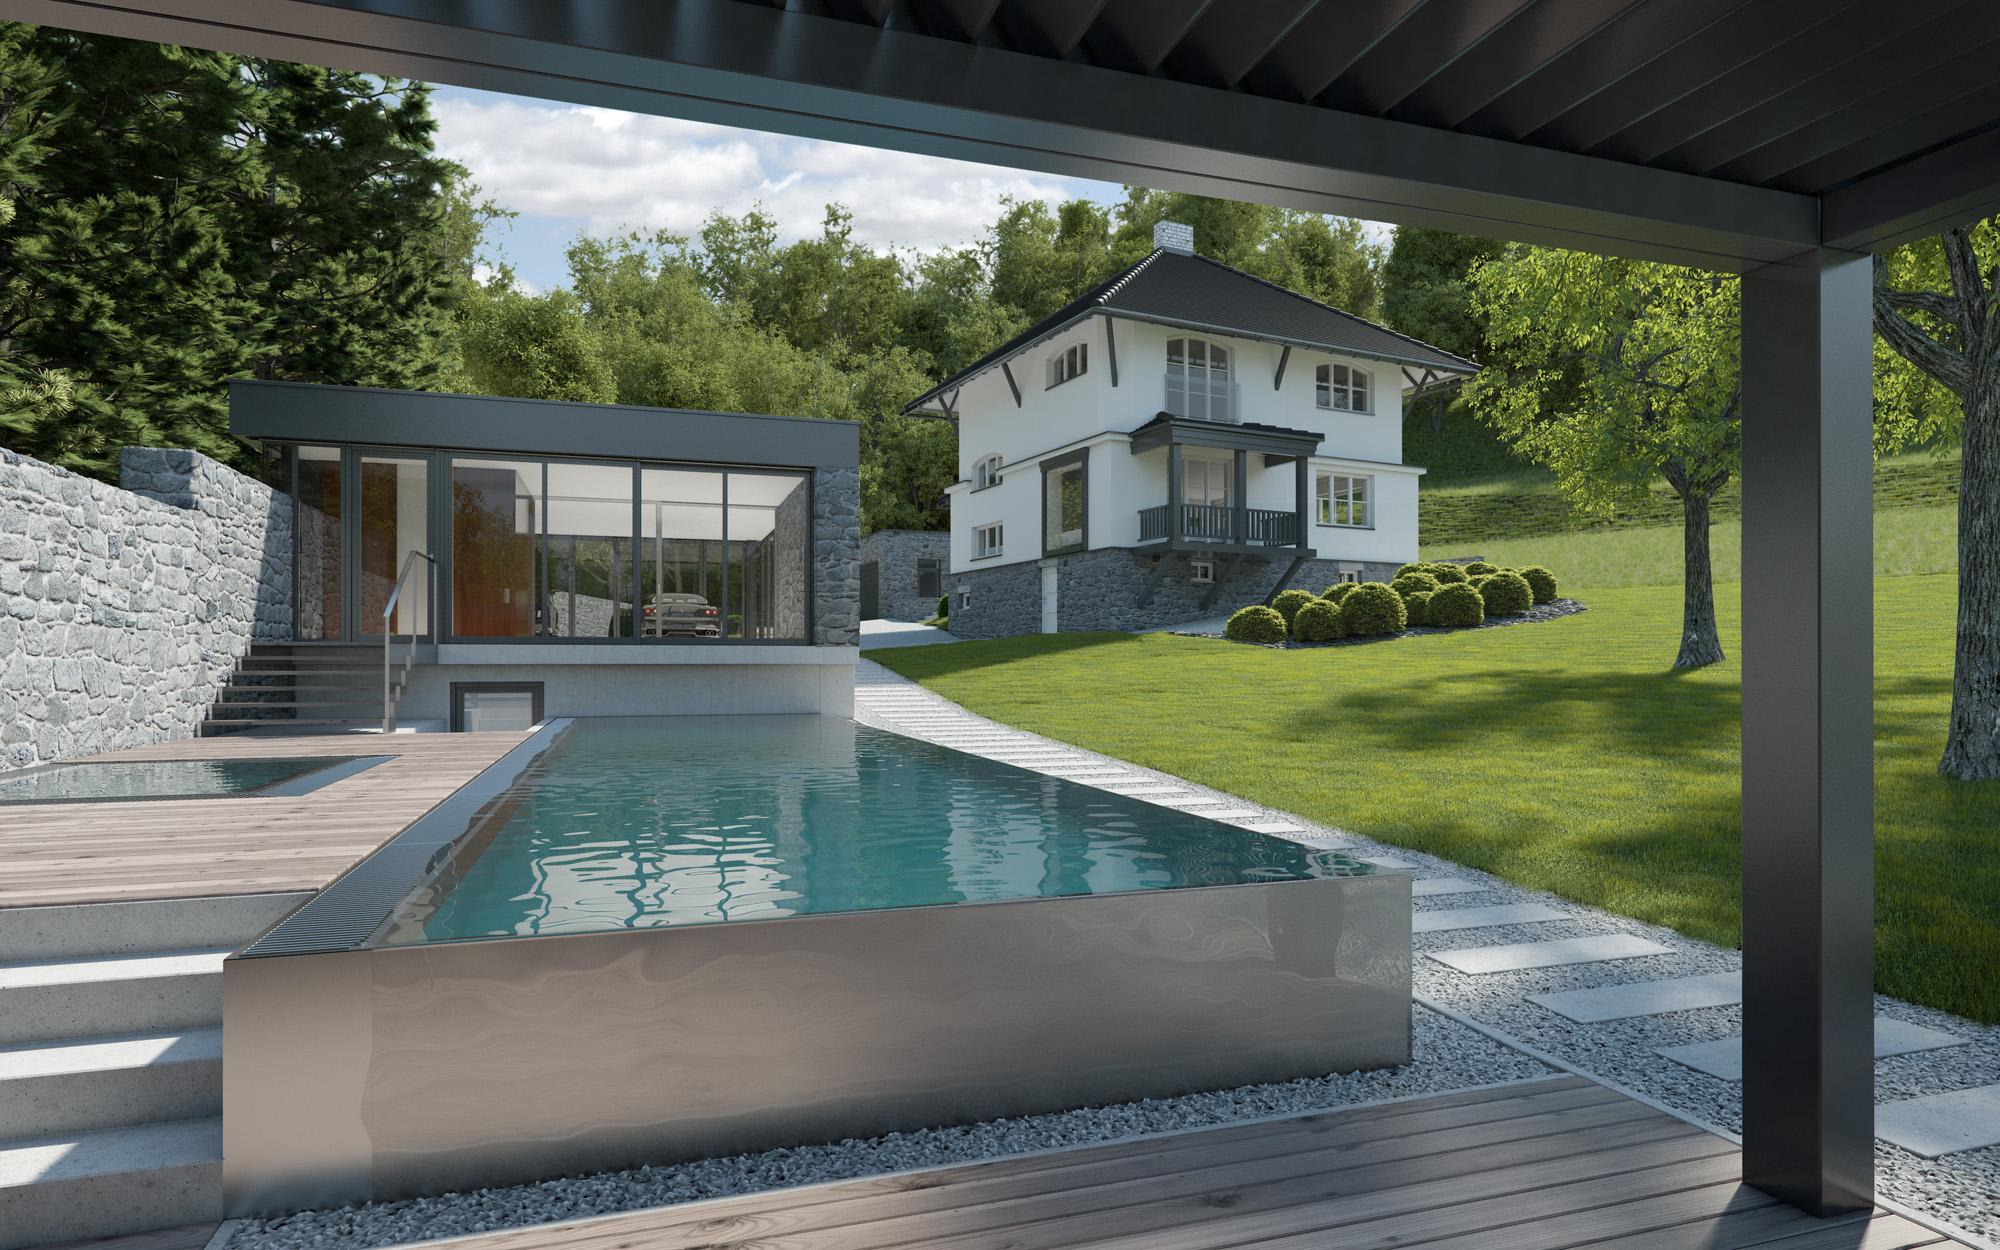 Skimmerový nebo přelivný bazén? | IMAGINOX